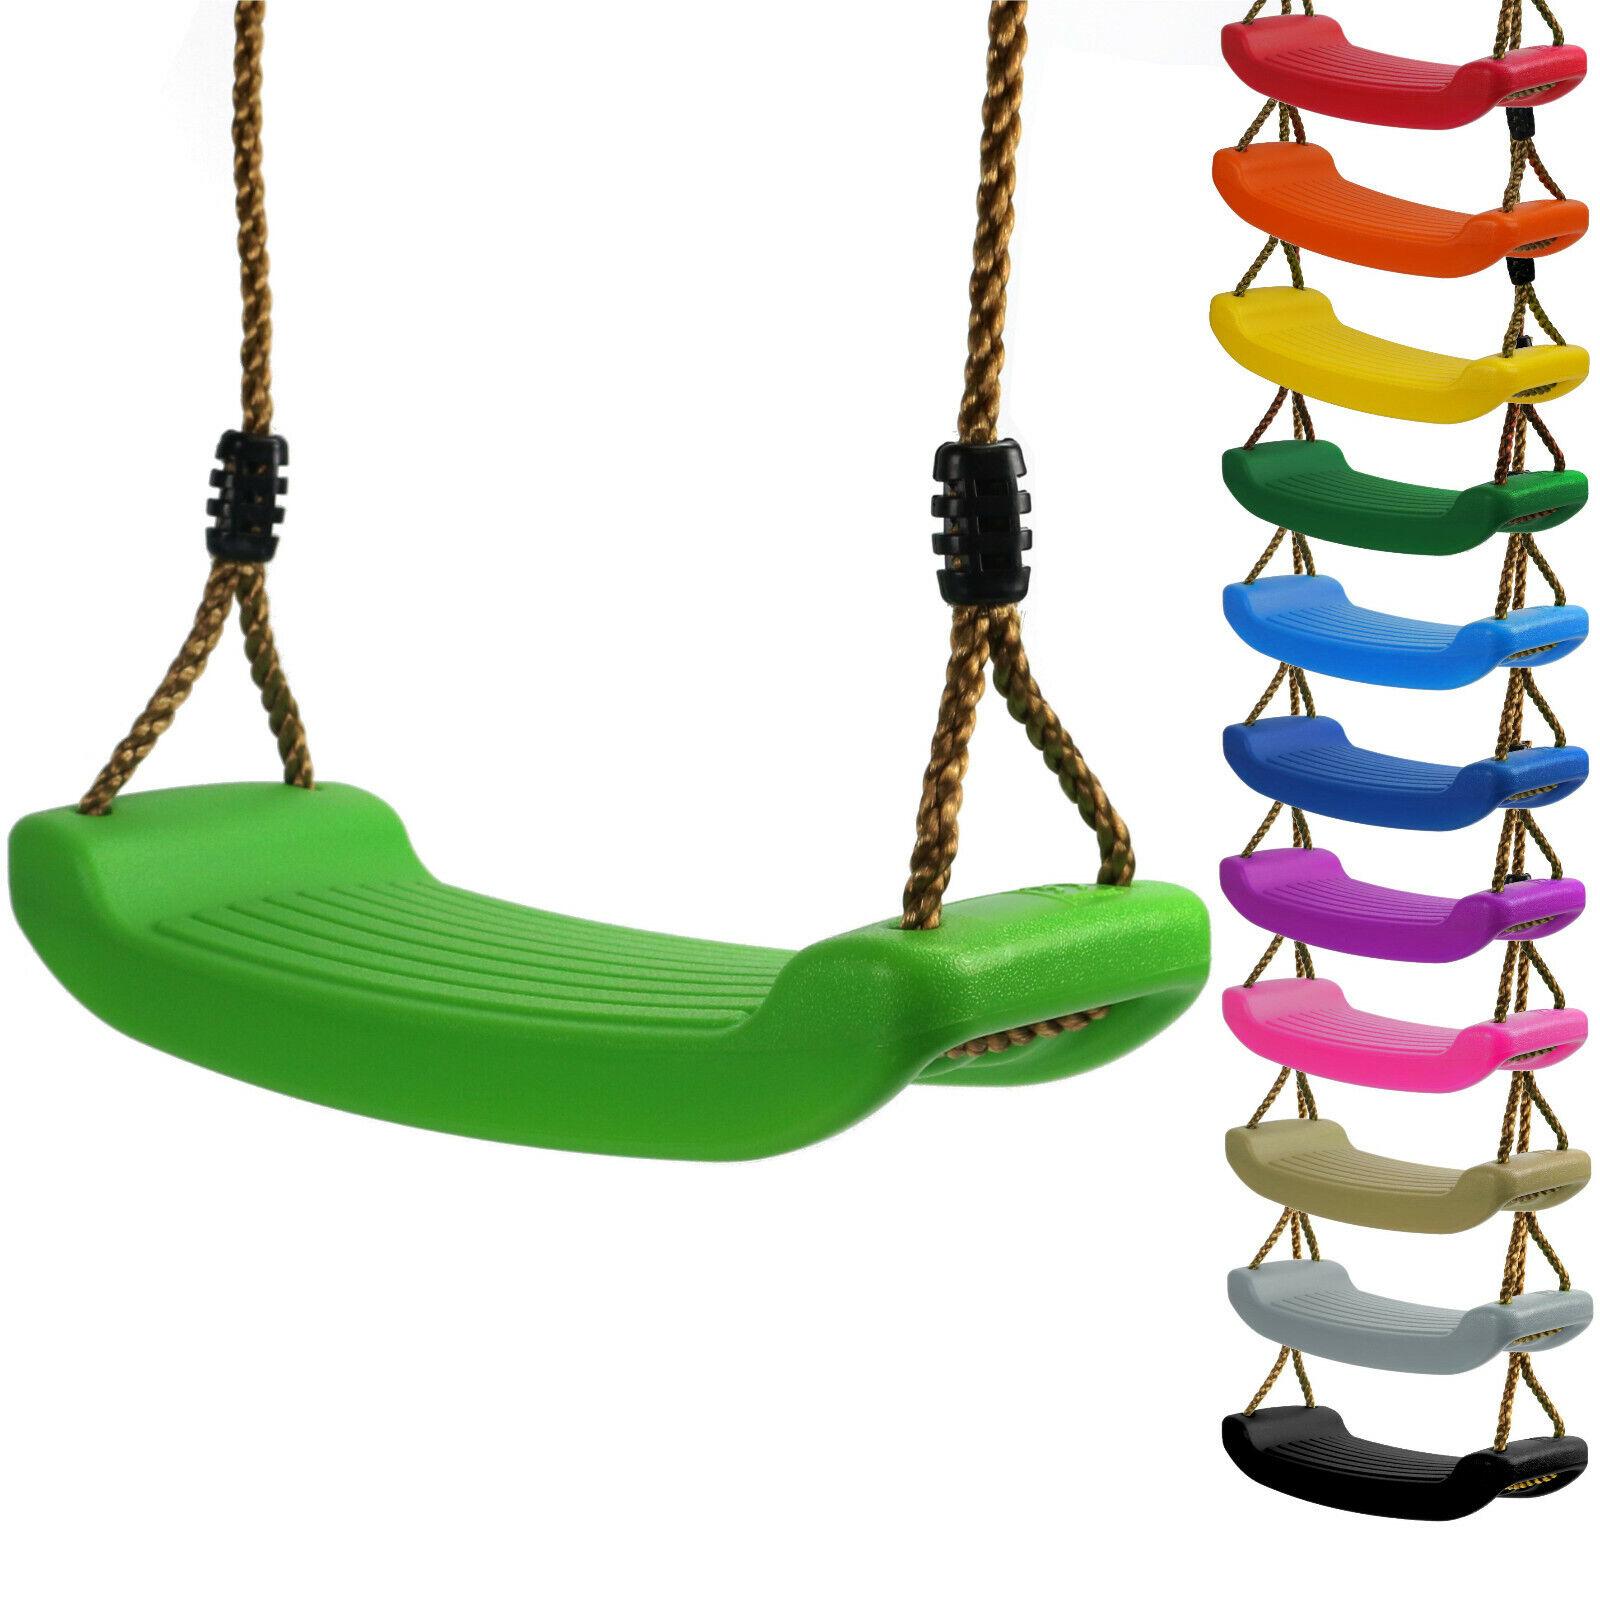 Kinderschaukel Brettschaukel stabil Schaukelsitz aus Kunststoff für Spielturm